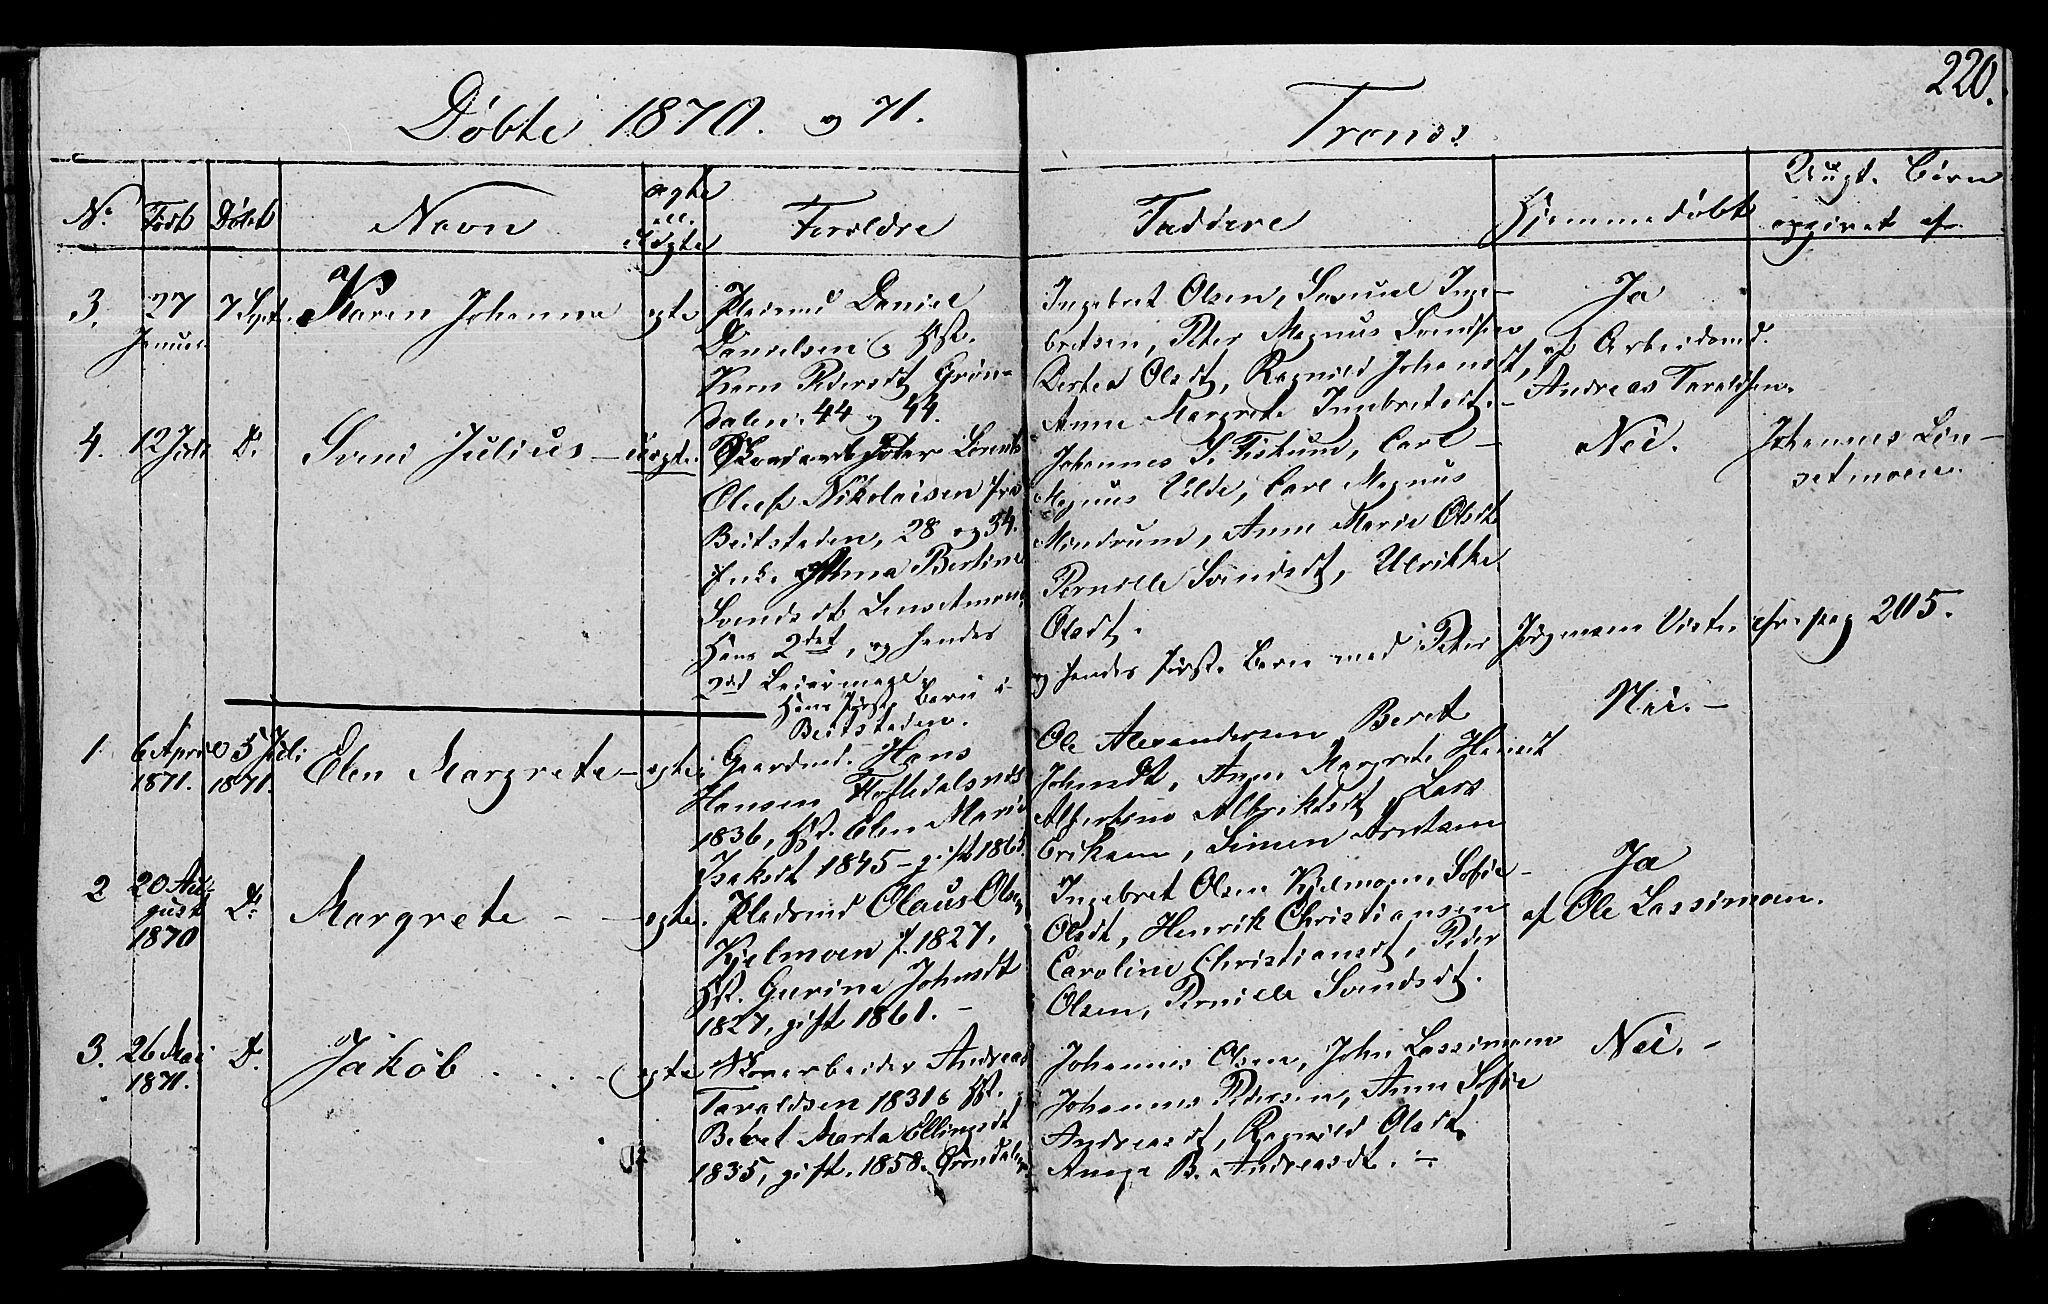 SAT, Ministerialprotokoller, klokkerbøker og fødselsregistre - Nord-Trøndelag, 762/L0538: Ministerialbok nr. 762A02 /2, 1833-1879, s. 220